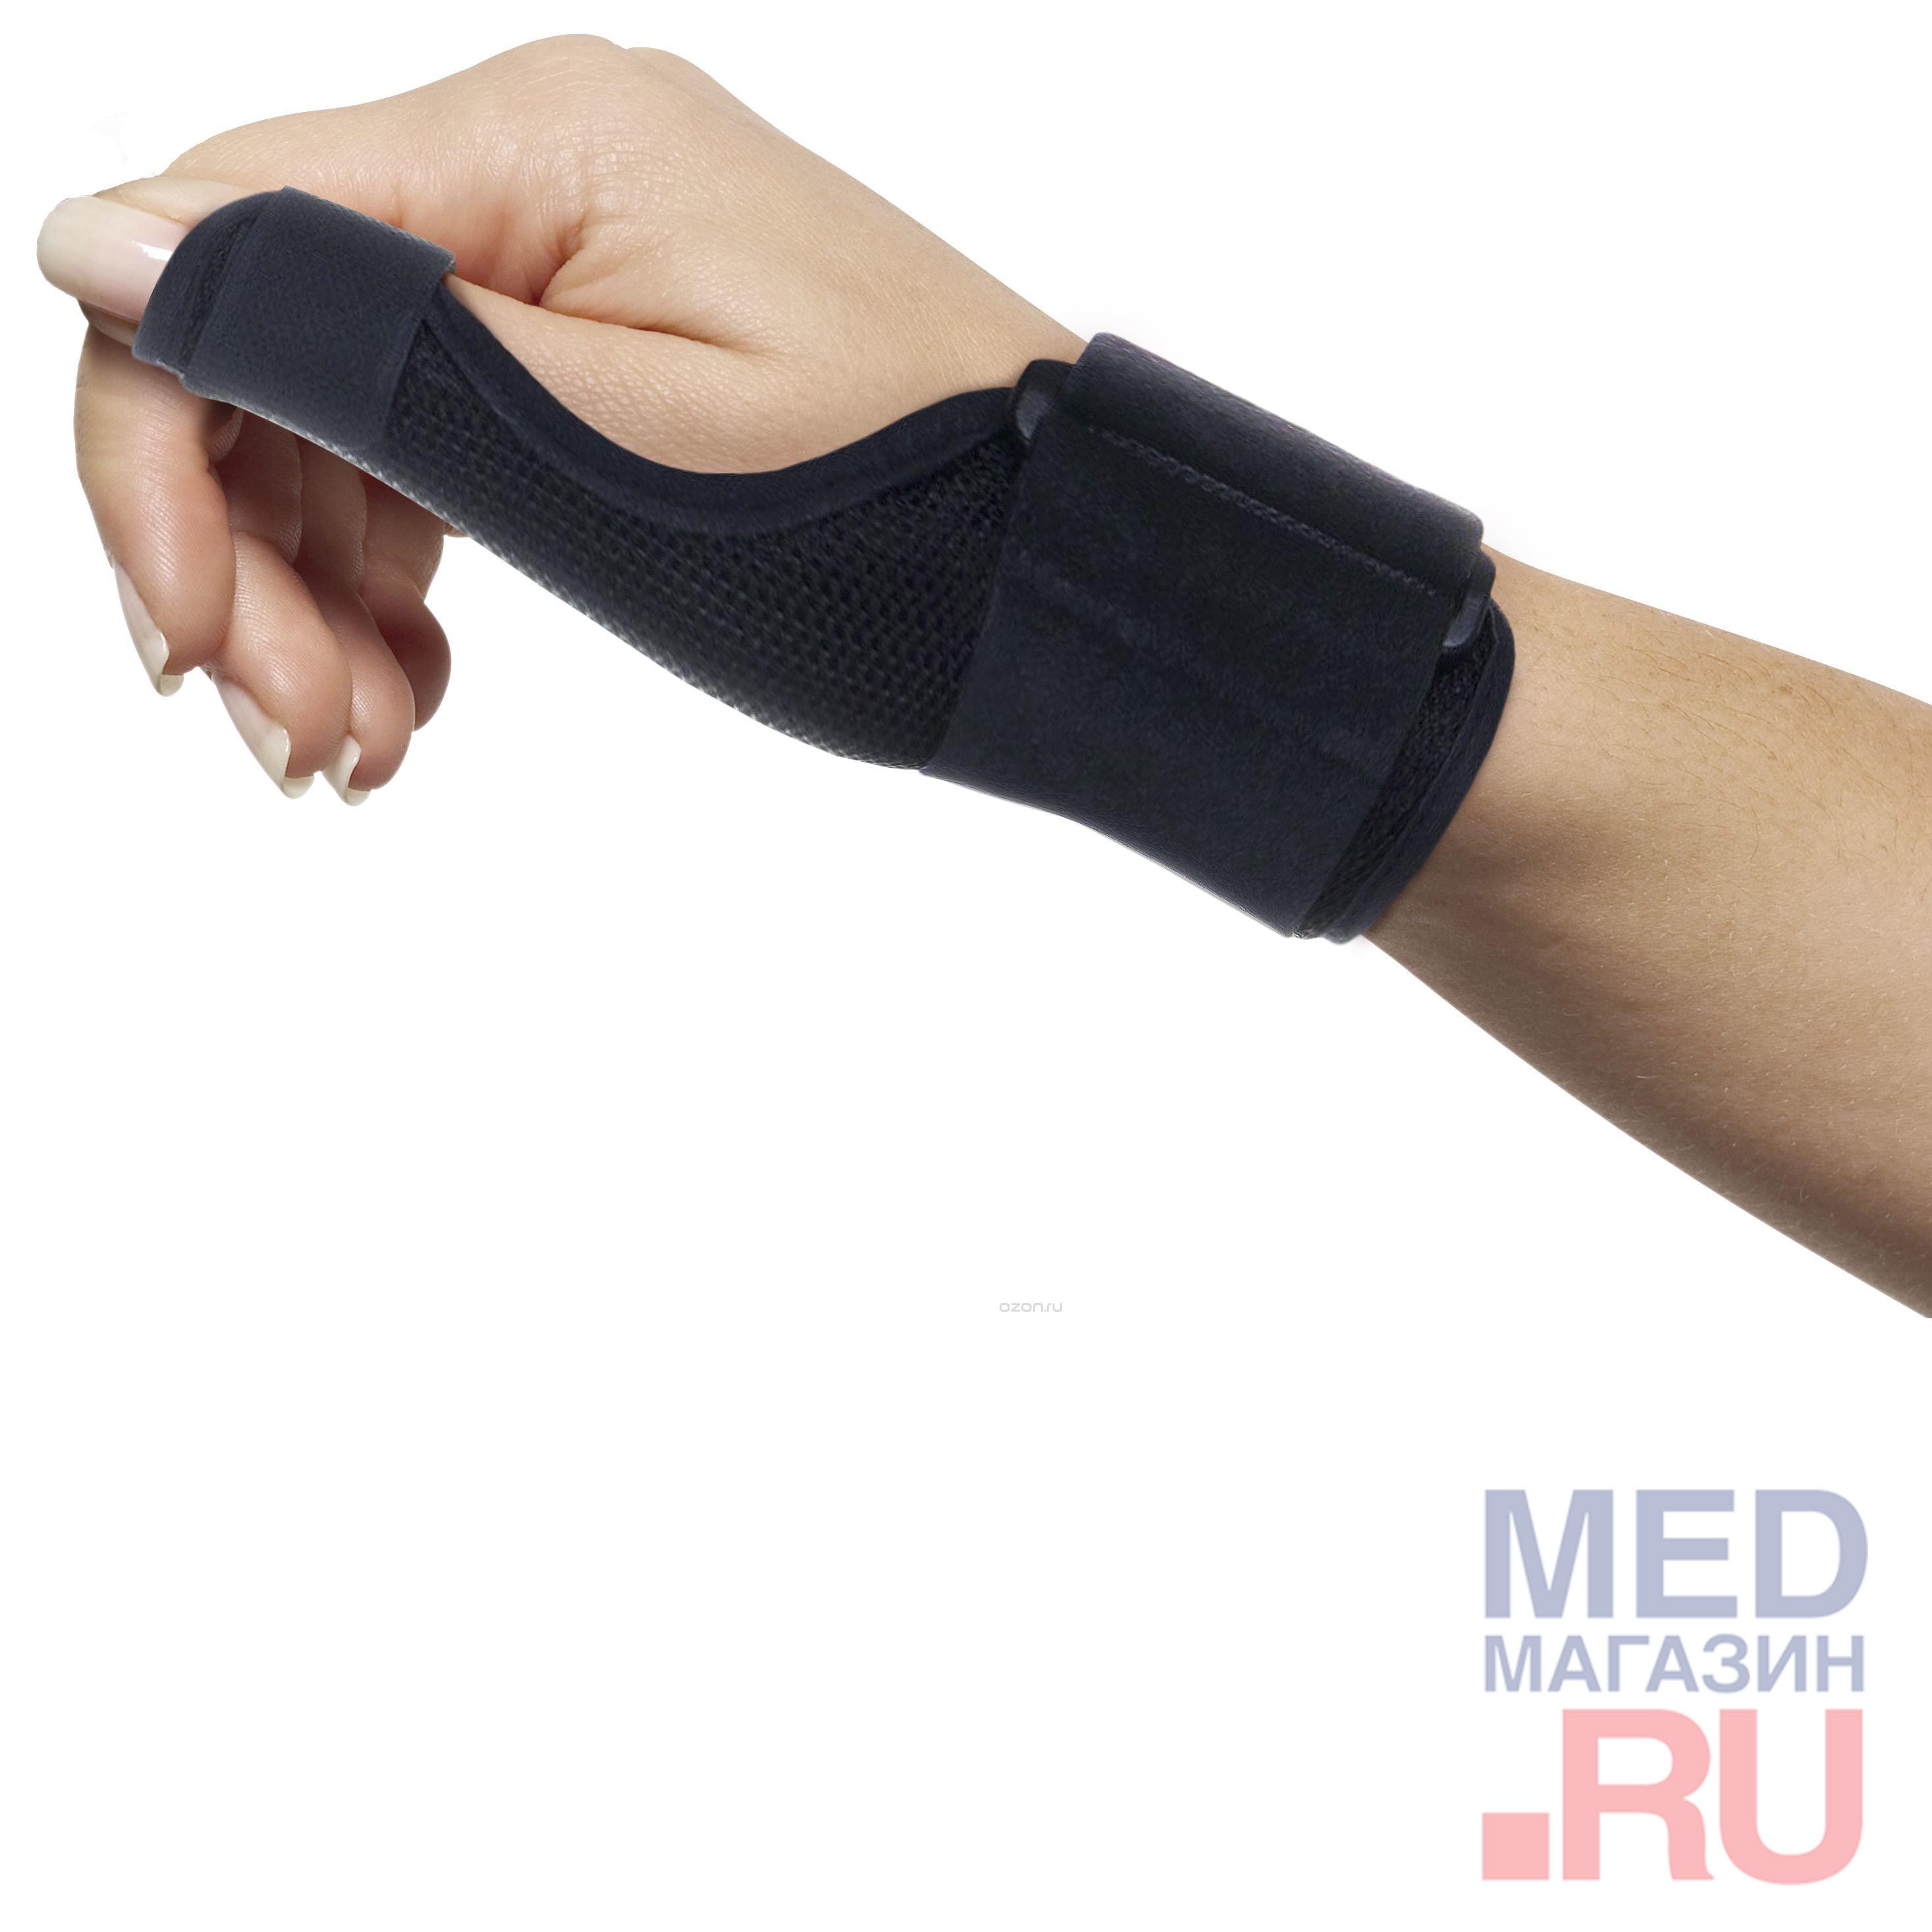 Купить FS-101 Бандаж компрессионный фиксирующий верхних конечностей на лучезапястный сустав (L, Чёрный), Ttoman, Россия